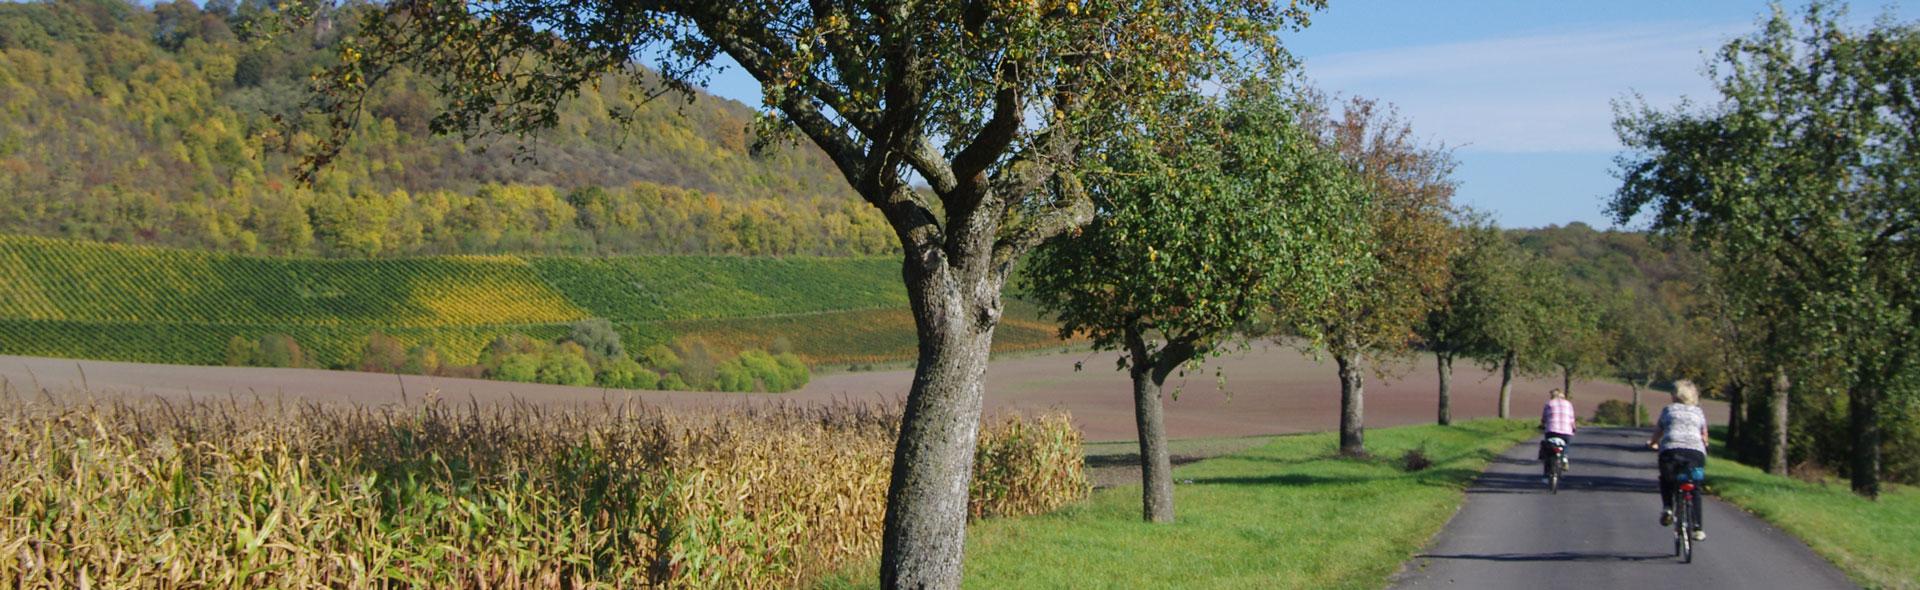 Herbstzeit in Iphofen